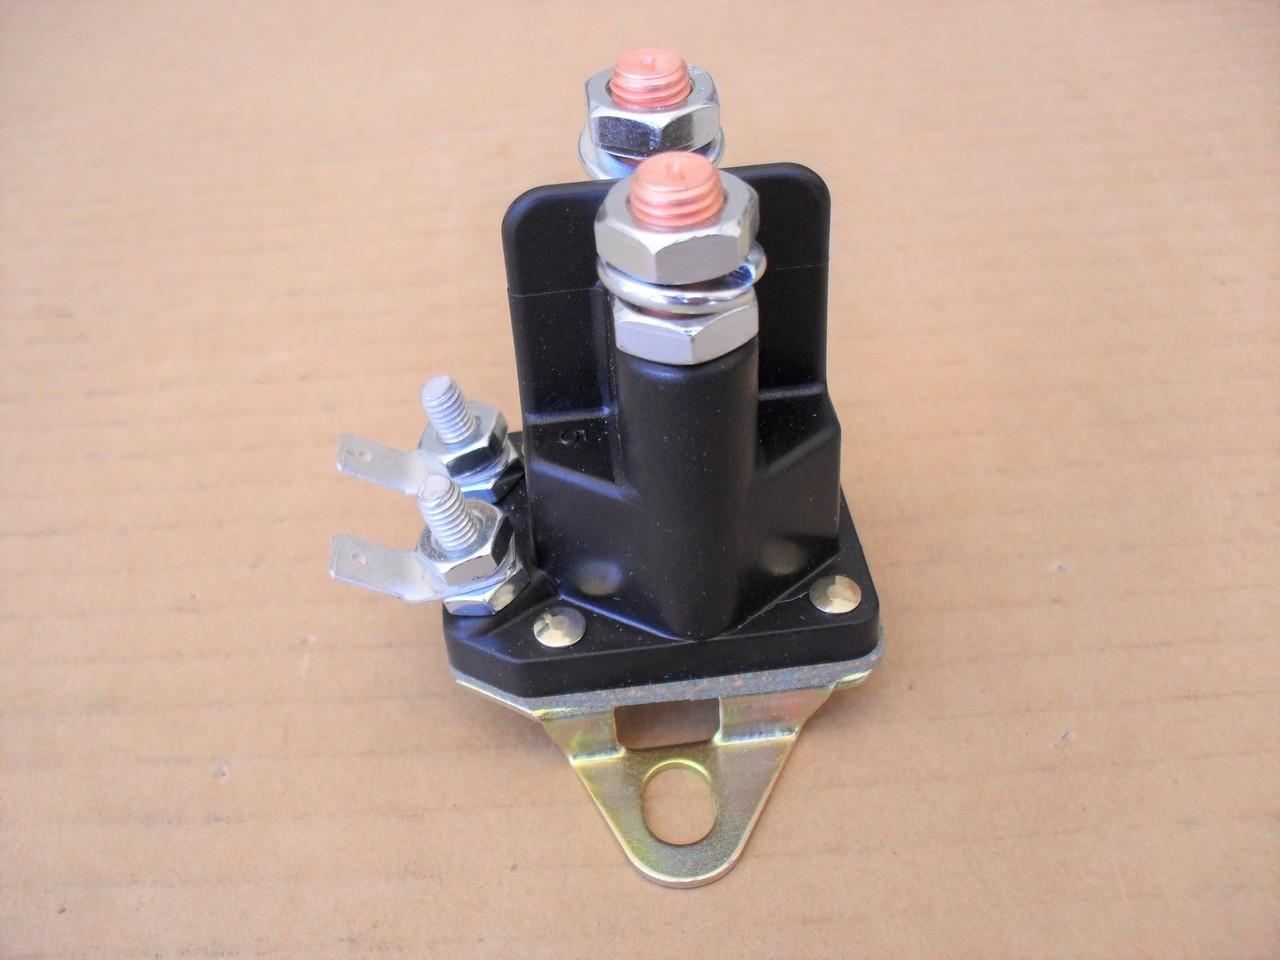 starter solenoid for john deere am130365 am132990 am133094 gy00185 [ 1280 x 960 Pixel ]